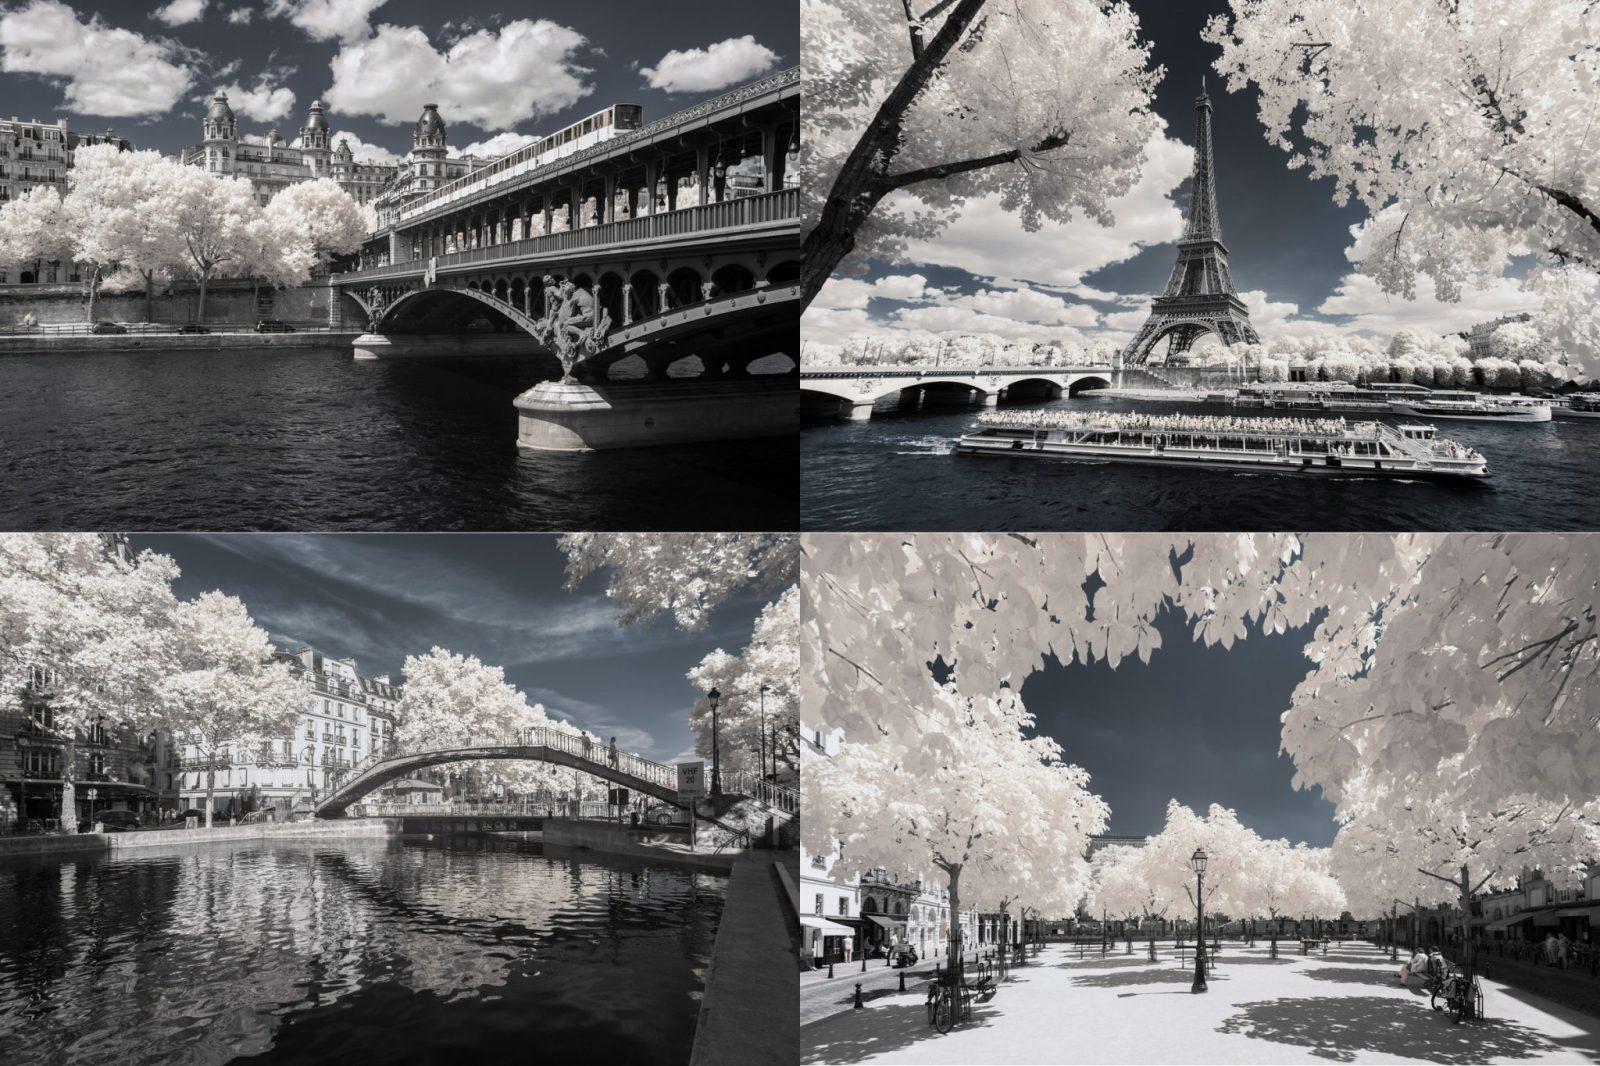 galerie foire paris PL FERRER | Pierre-Louis Ferrer Photographie | Réalisations clients